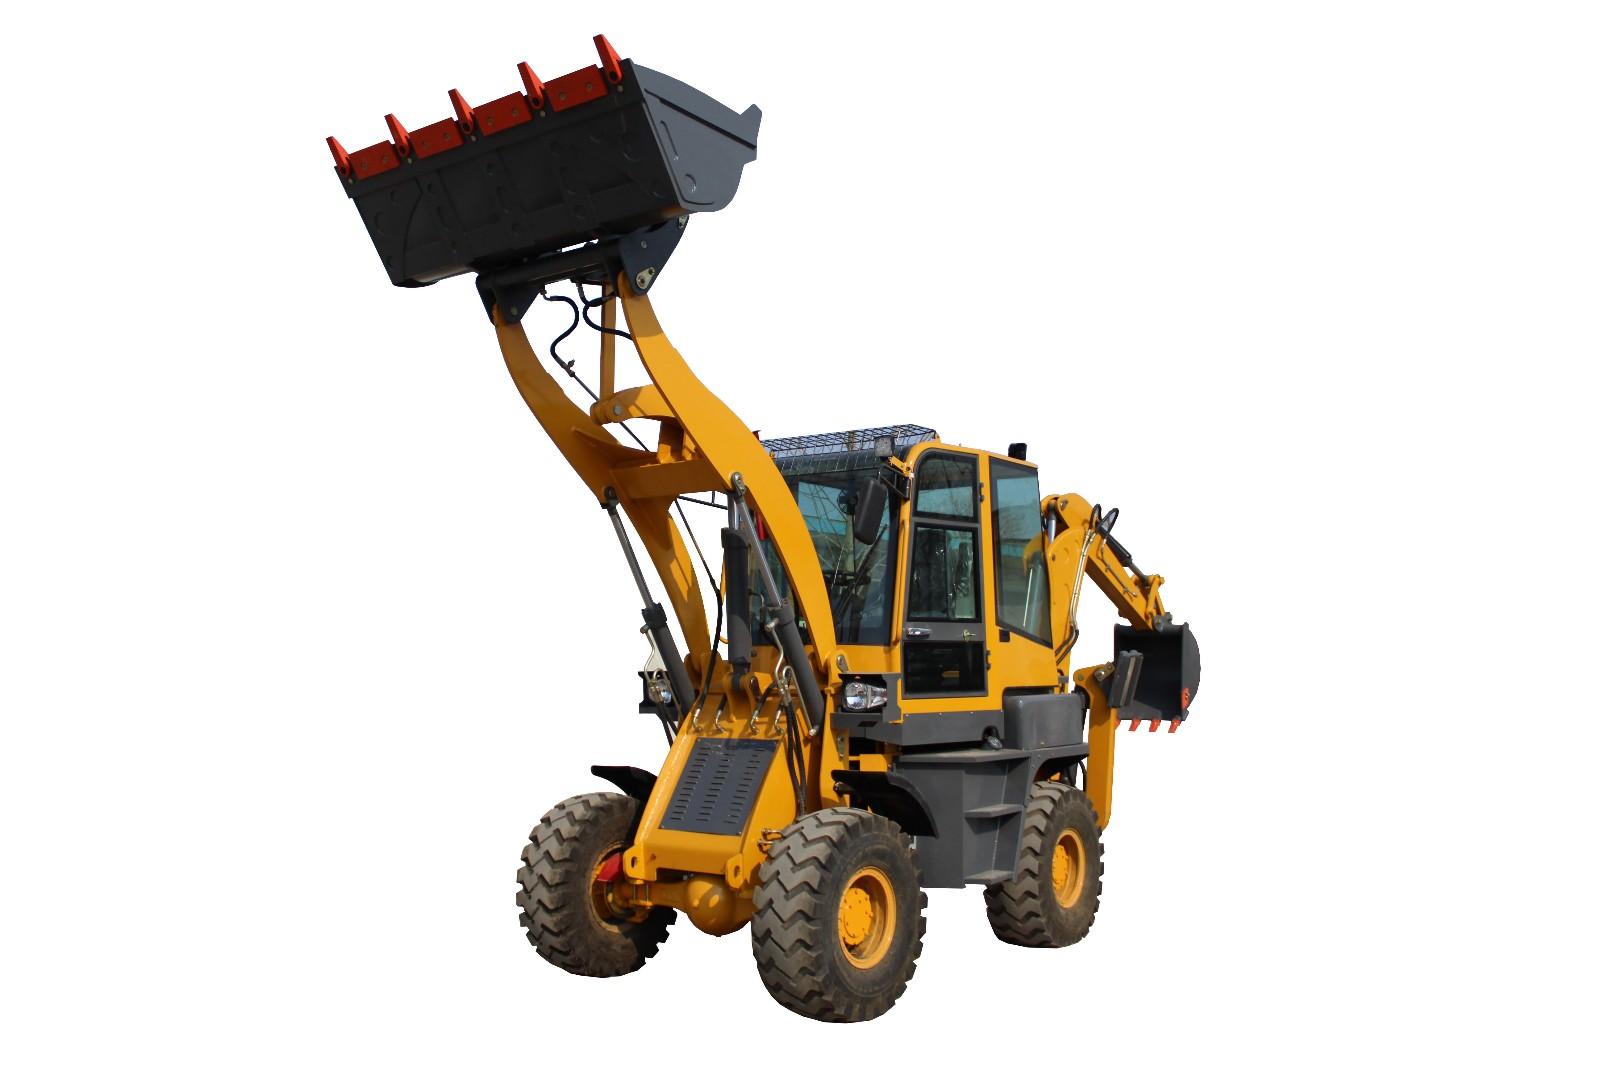 反鏟裝載機 兩頭忙 backhoe loader-青州市中威機械有限公司